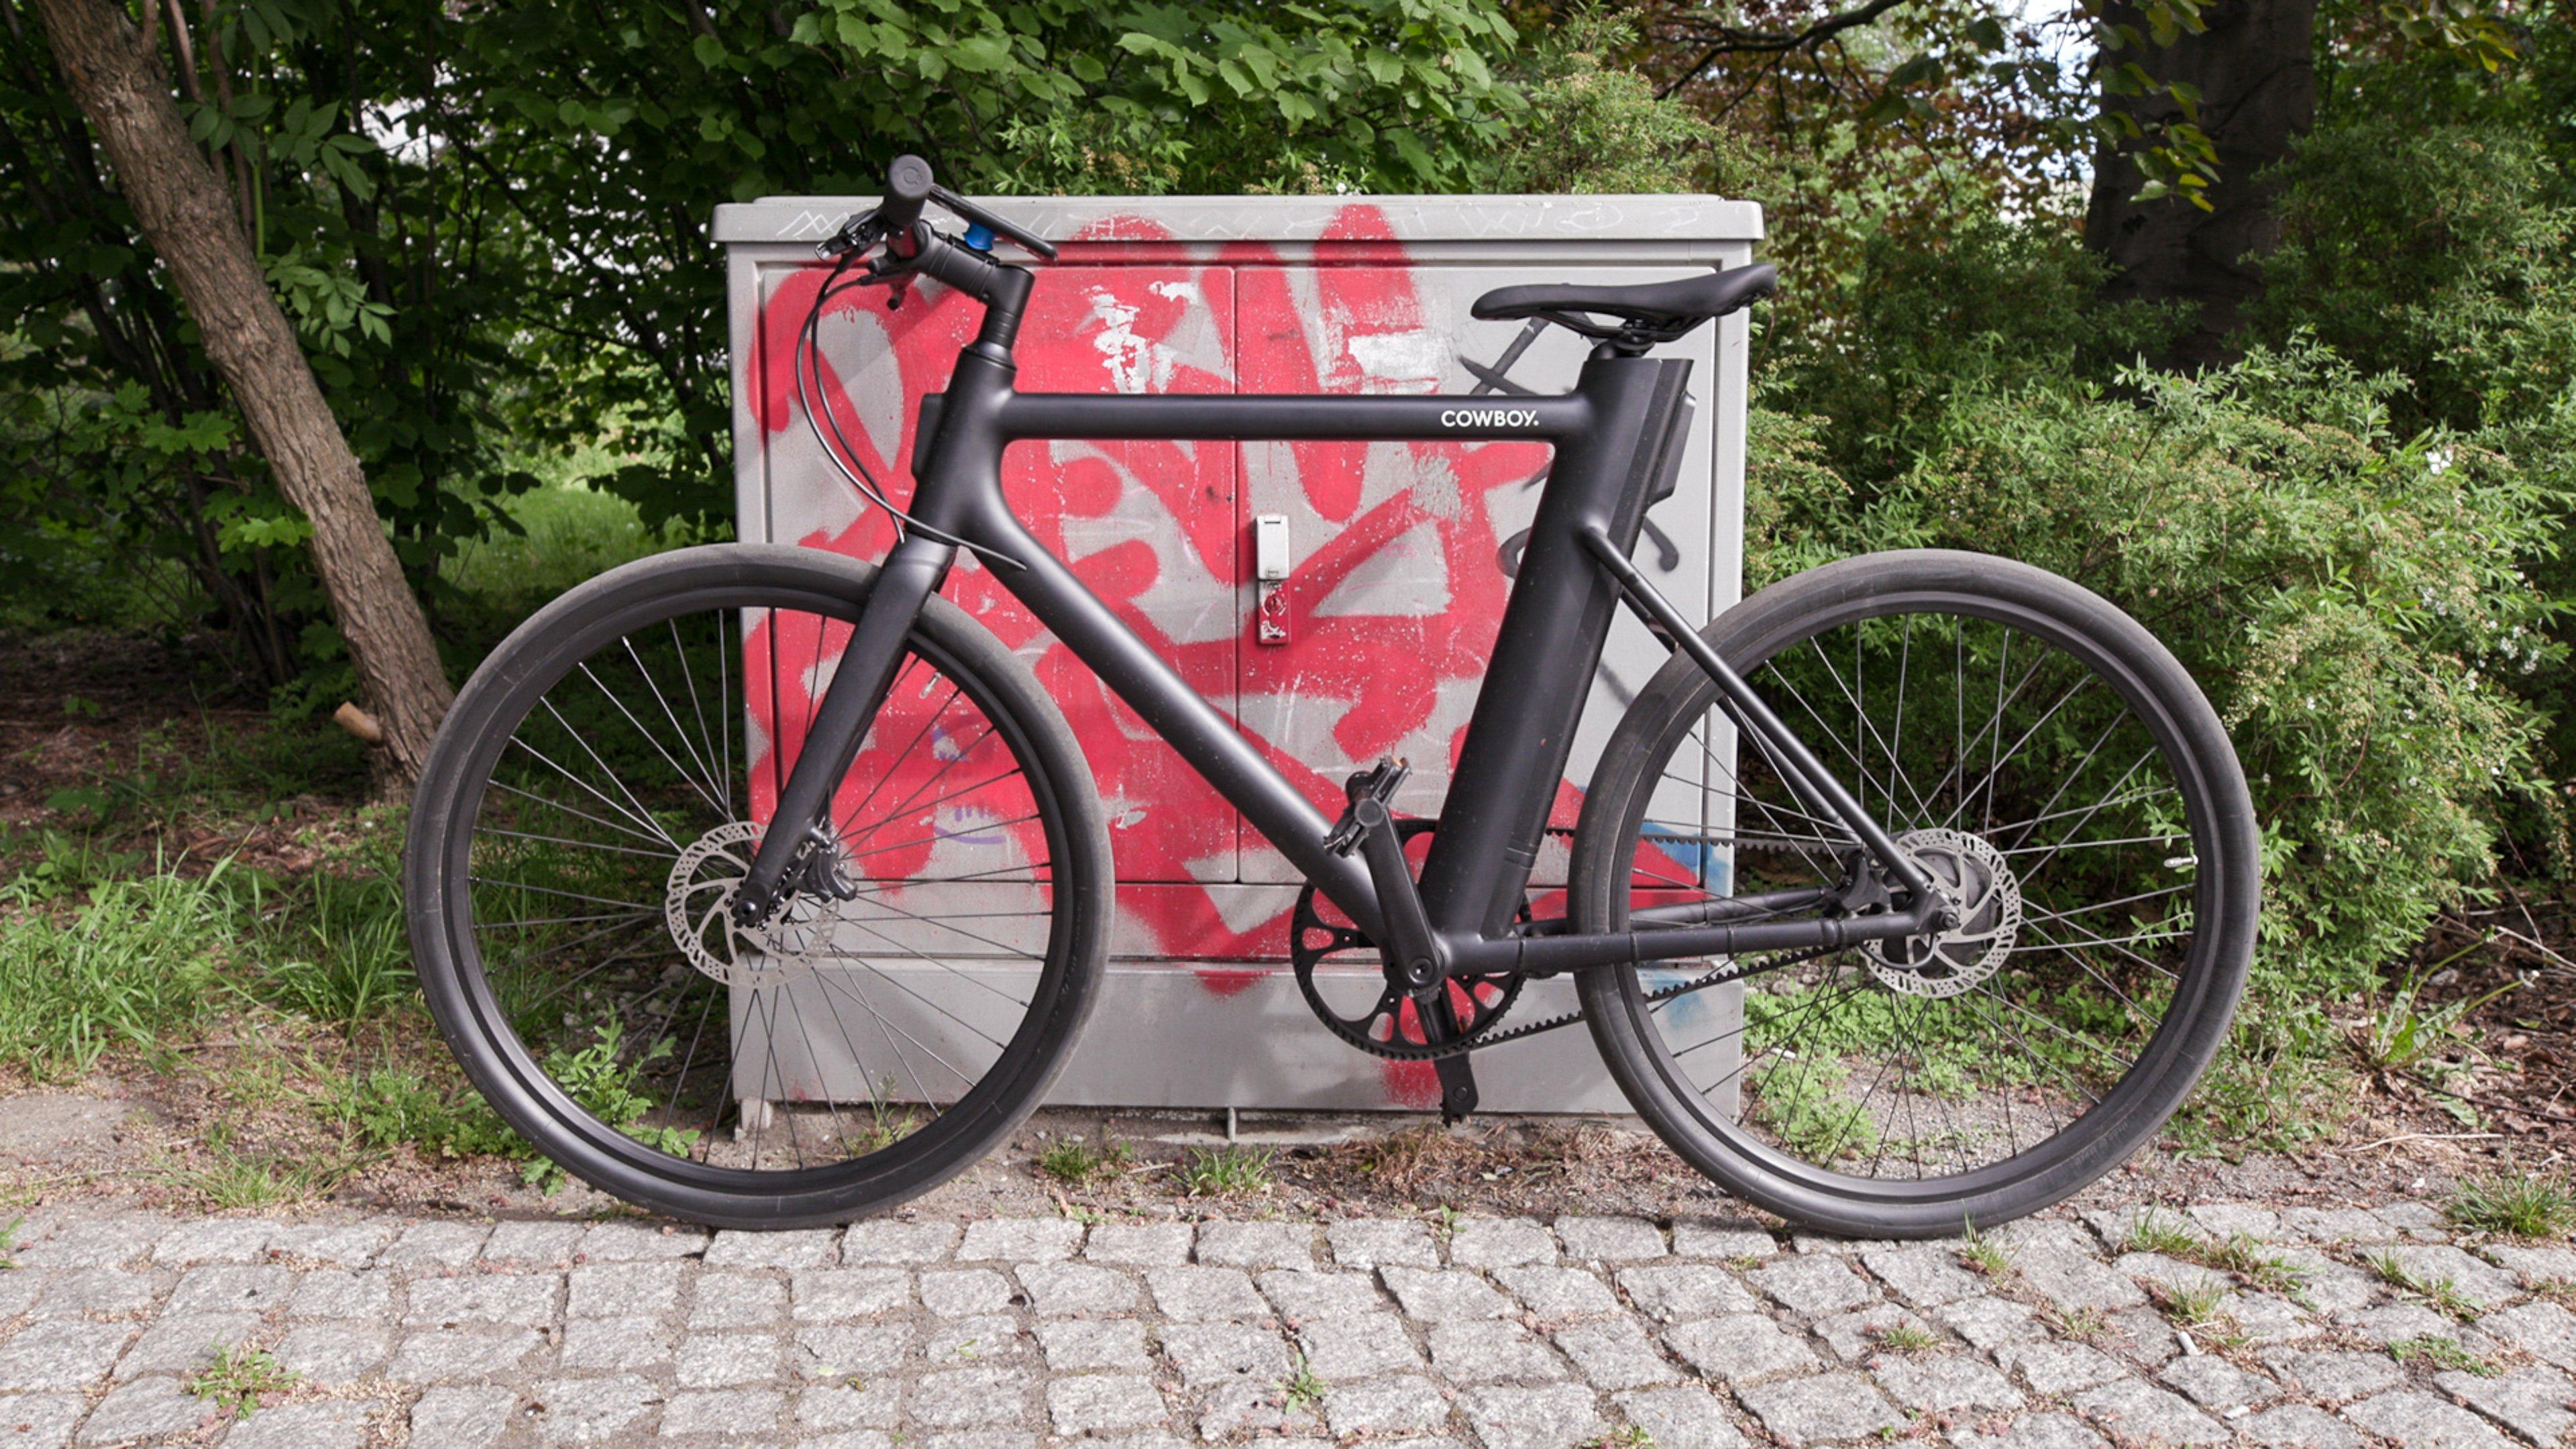 E-Bike gebraucht kaufen: Diese 7 Tipps müsst Ihr beachten